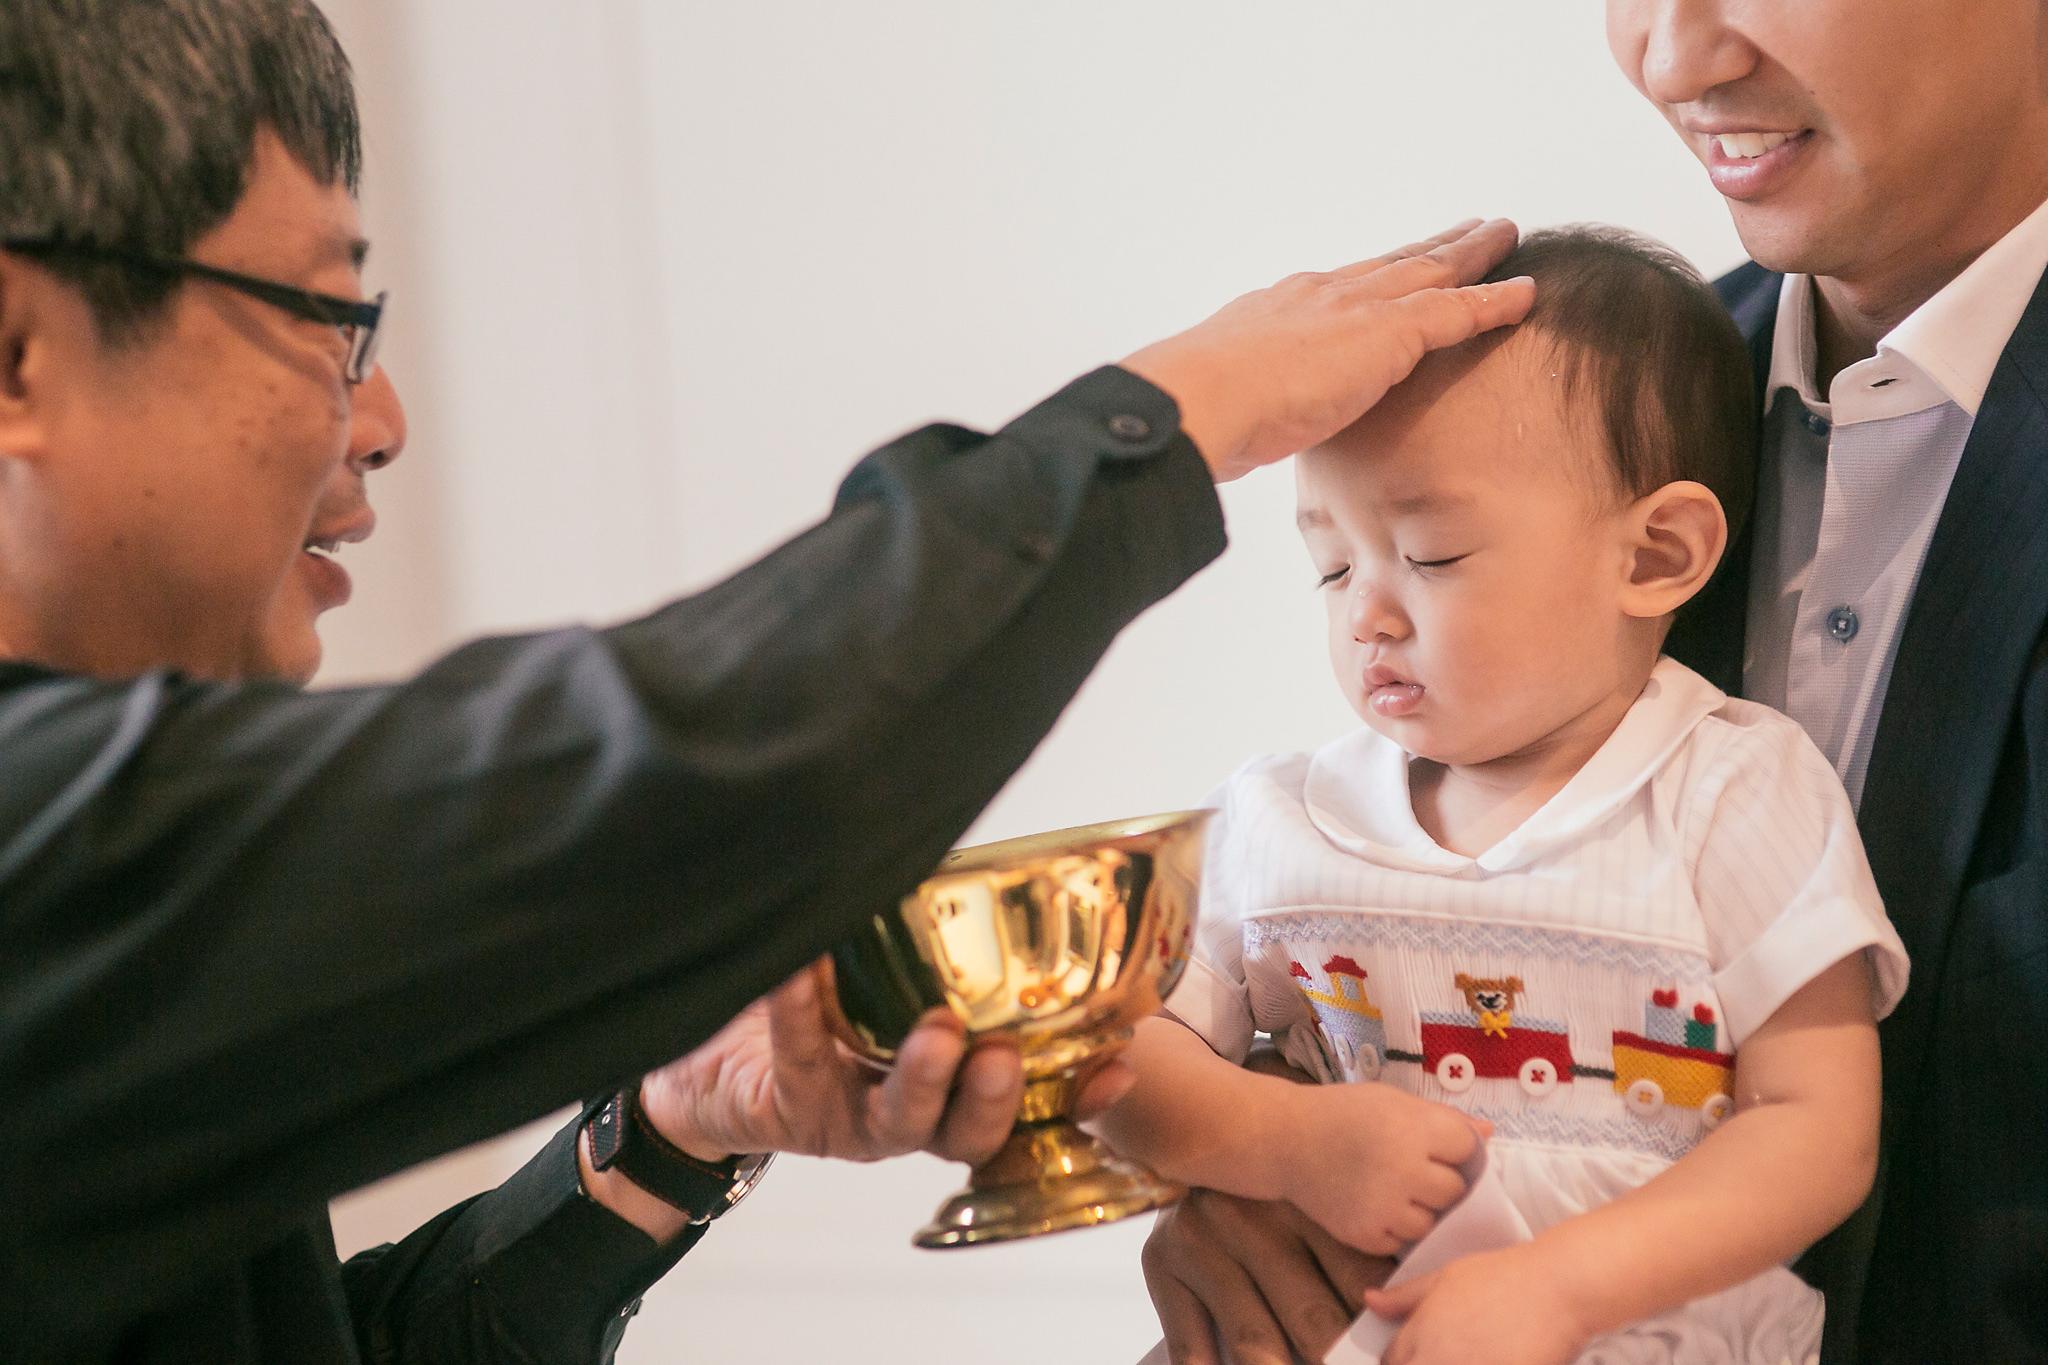 Luke's turn to get baptised!